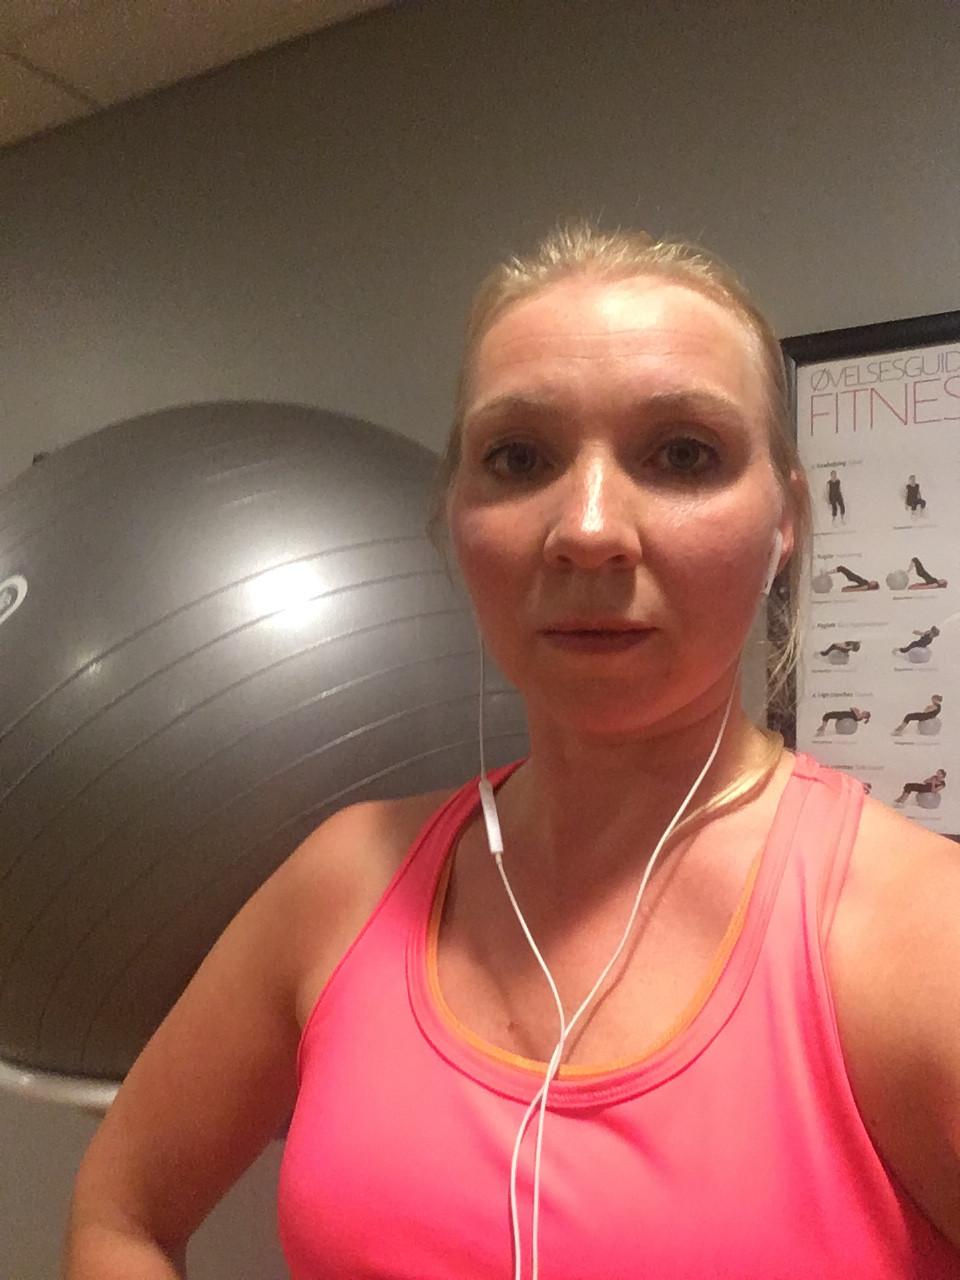 Etter trening på Scandic hotellet i Herning,Danmark